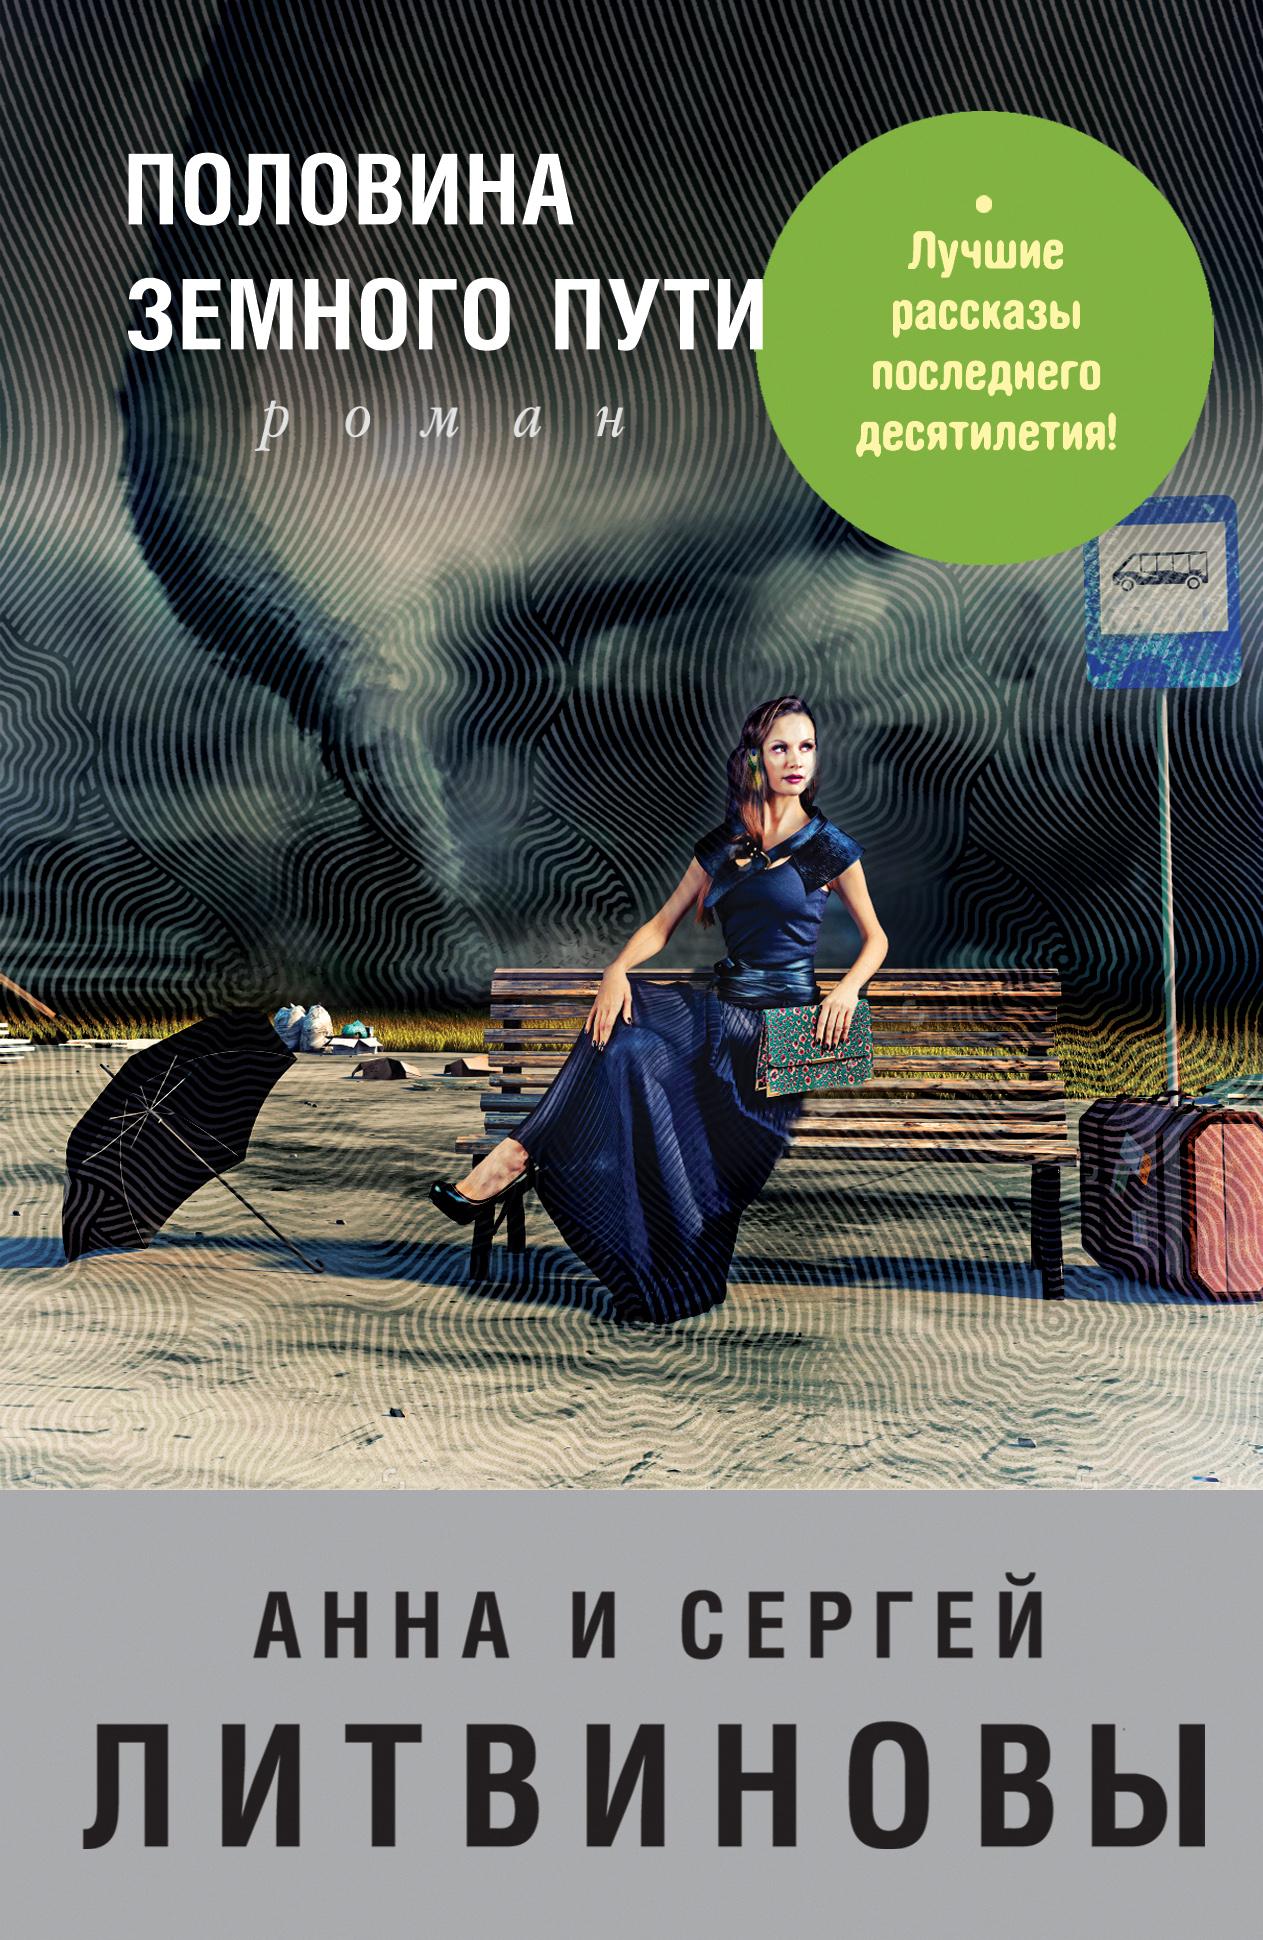 Анна и Сергей Литвиновы Половина земного пути (сборник) анна и сергей литвиновы все мужчины любят это сборник